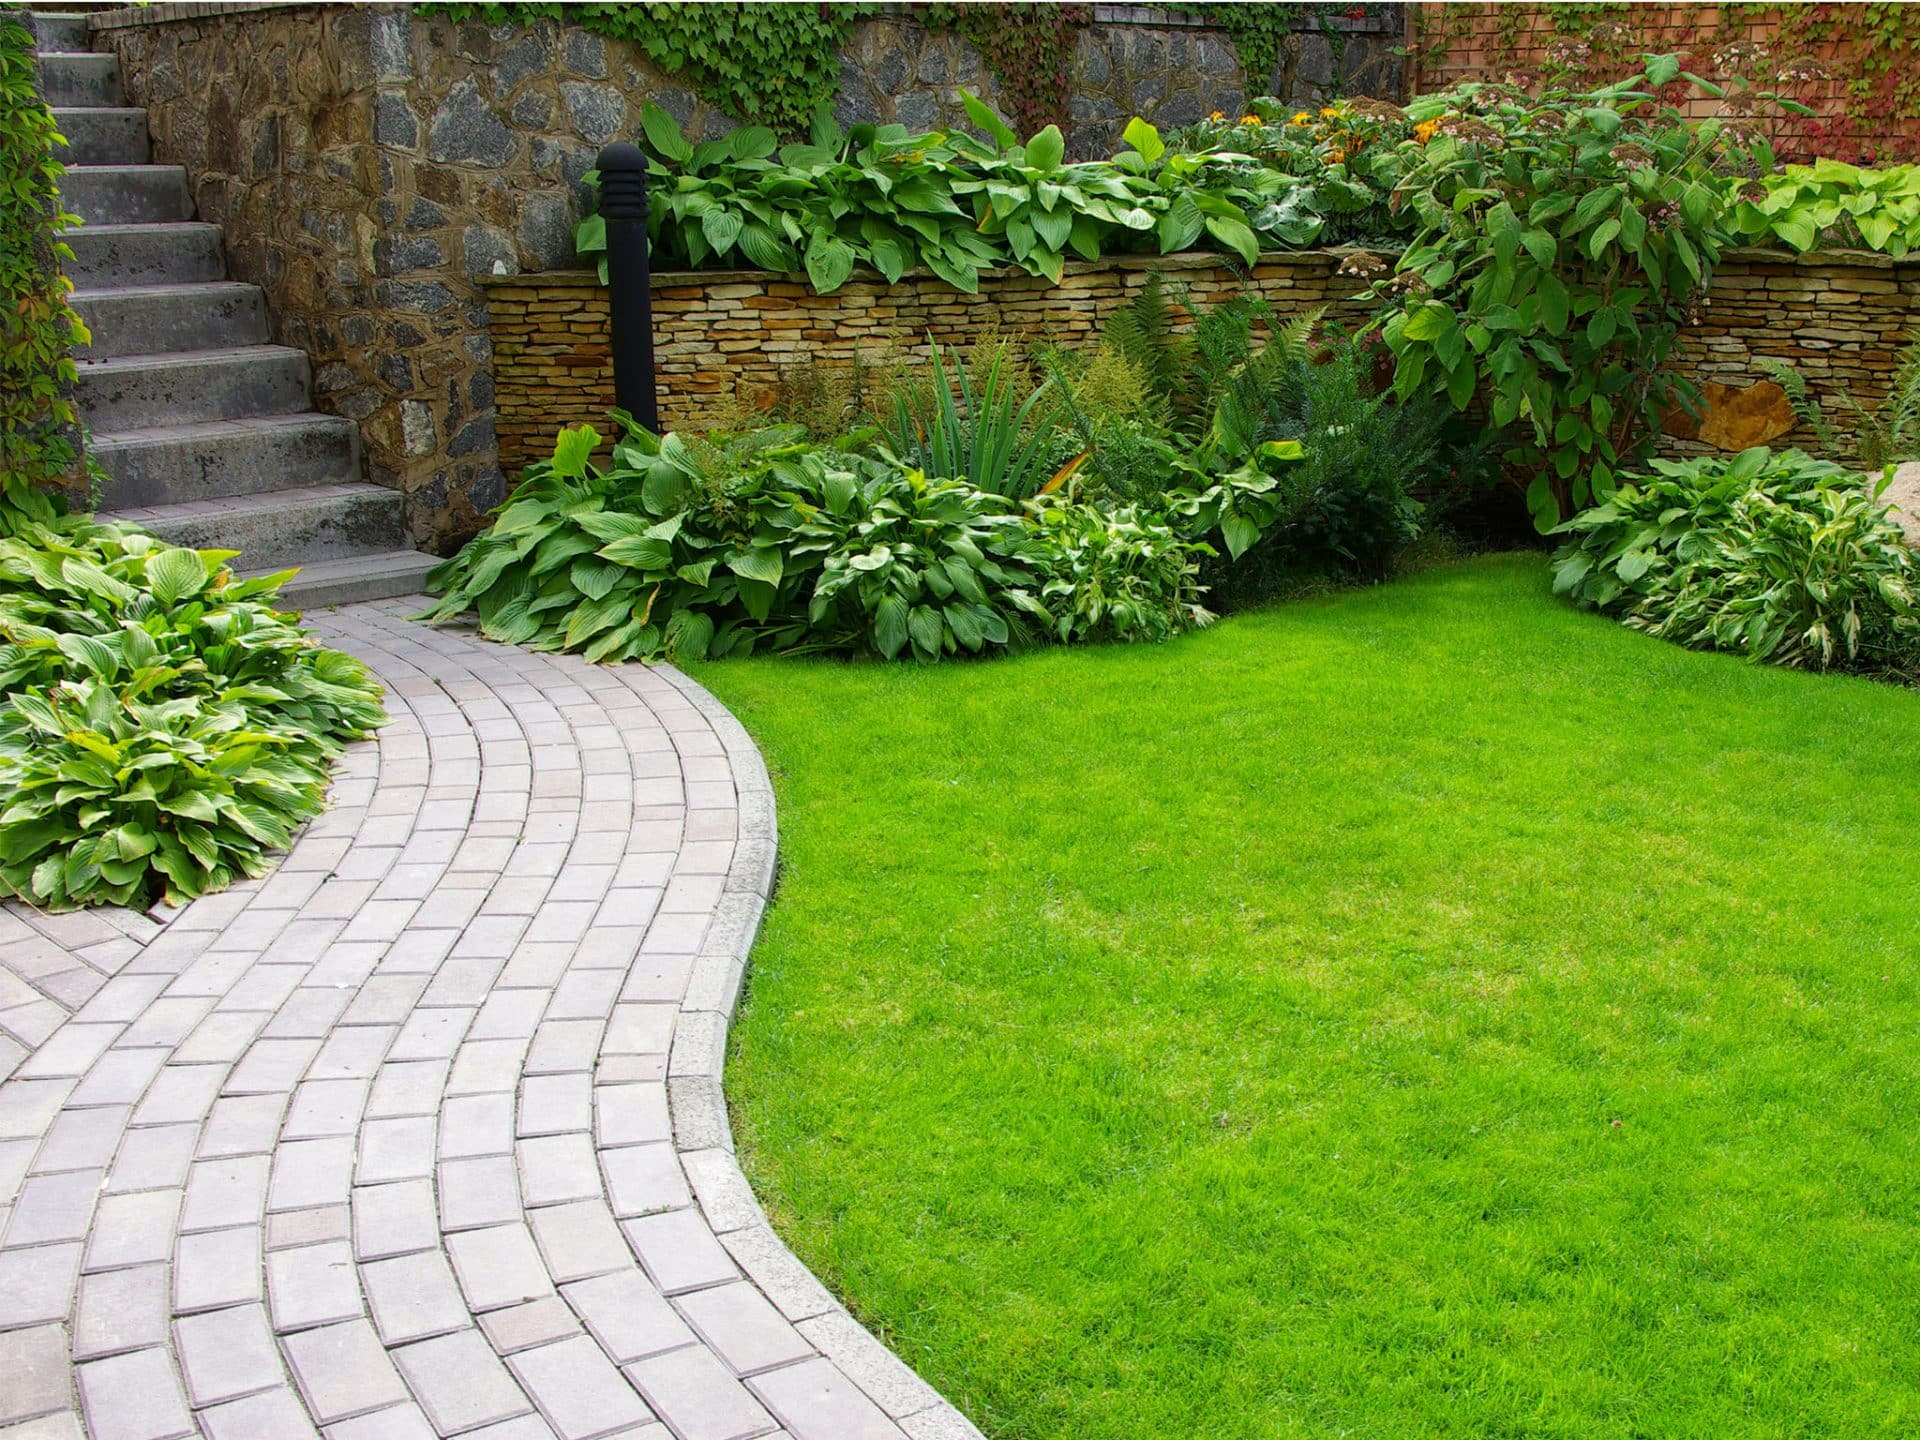 Top Gartenweg anlegen & gestalten | Ideen mit Kies, Pflastersteinen & Co. QA81